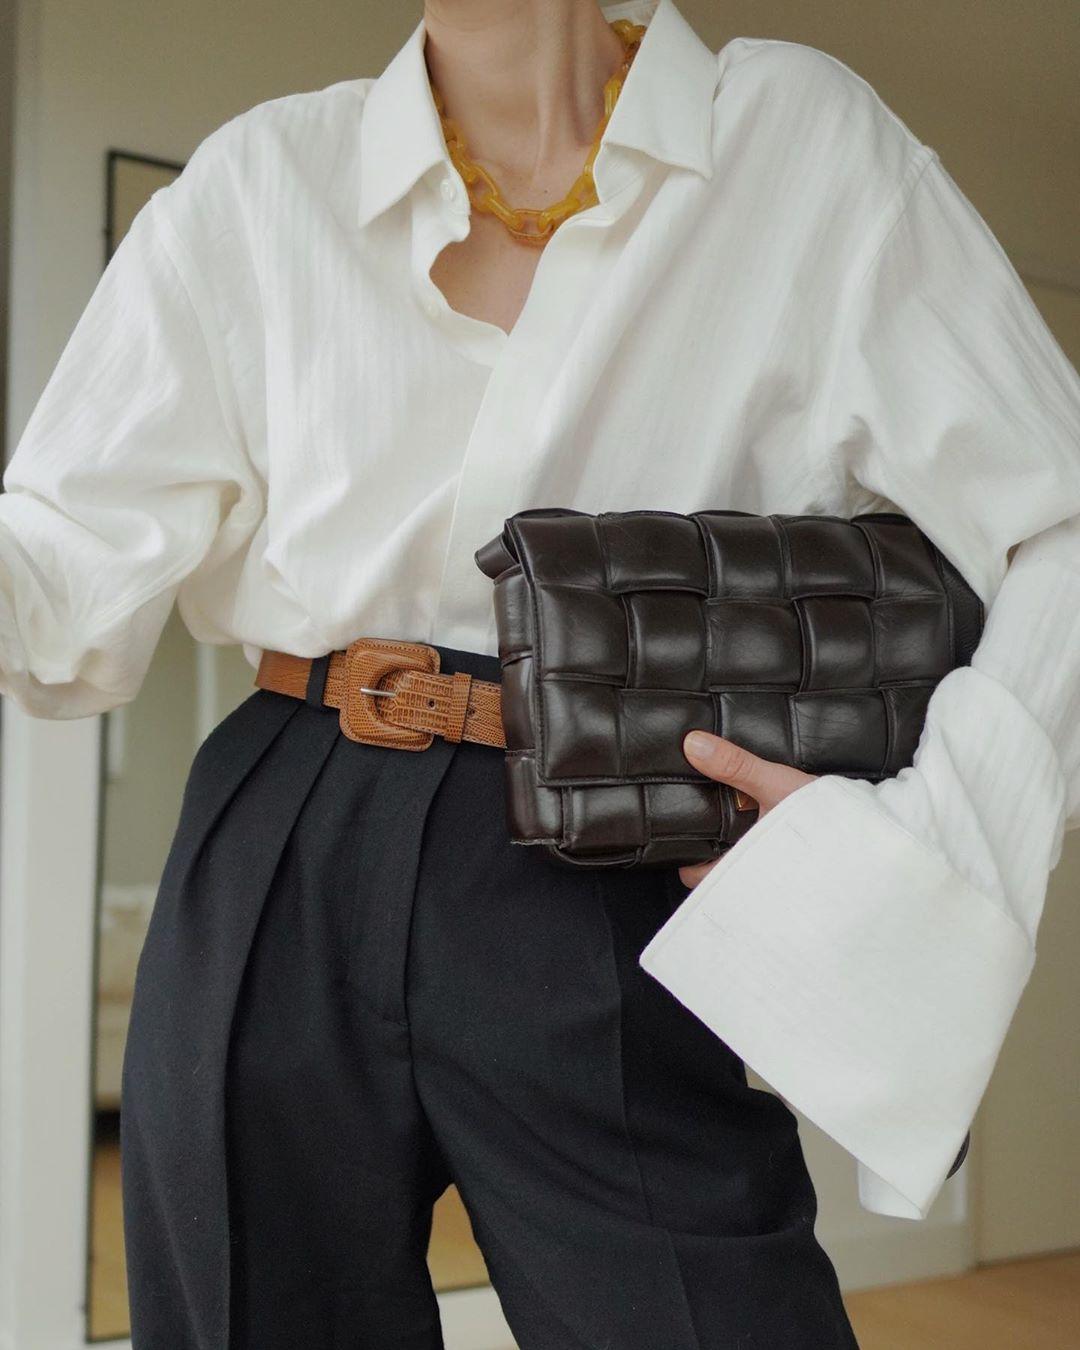 cô gái mặc so mi trắng quần đen thắt lưng trắng đeo túi bottega veneta